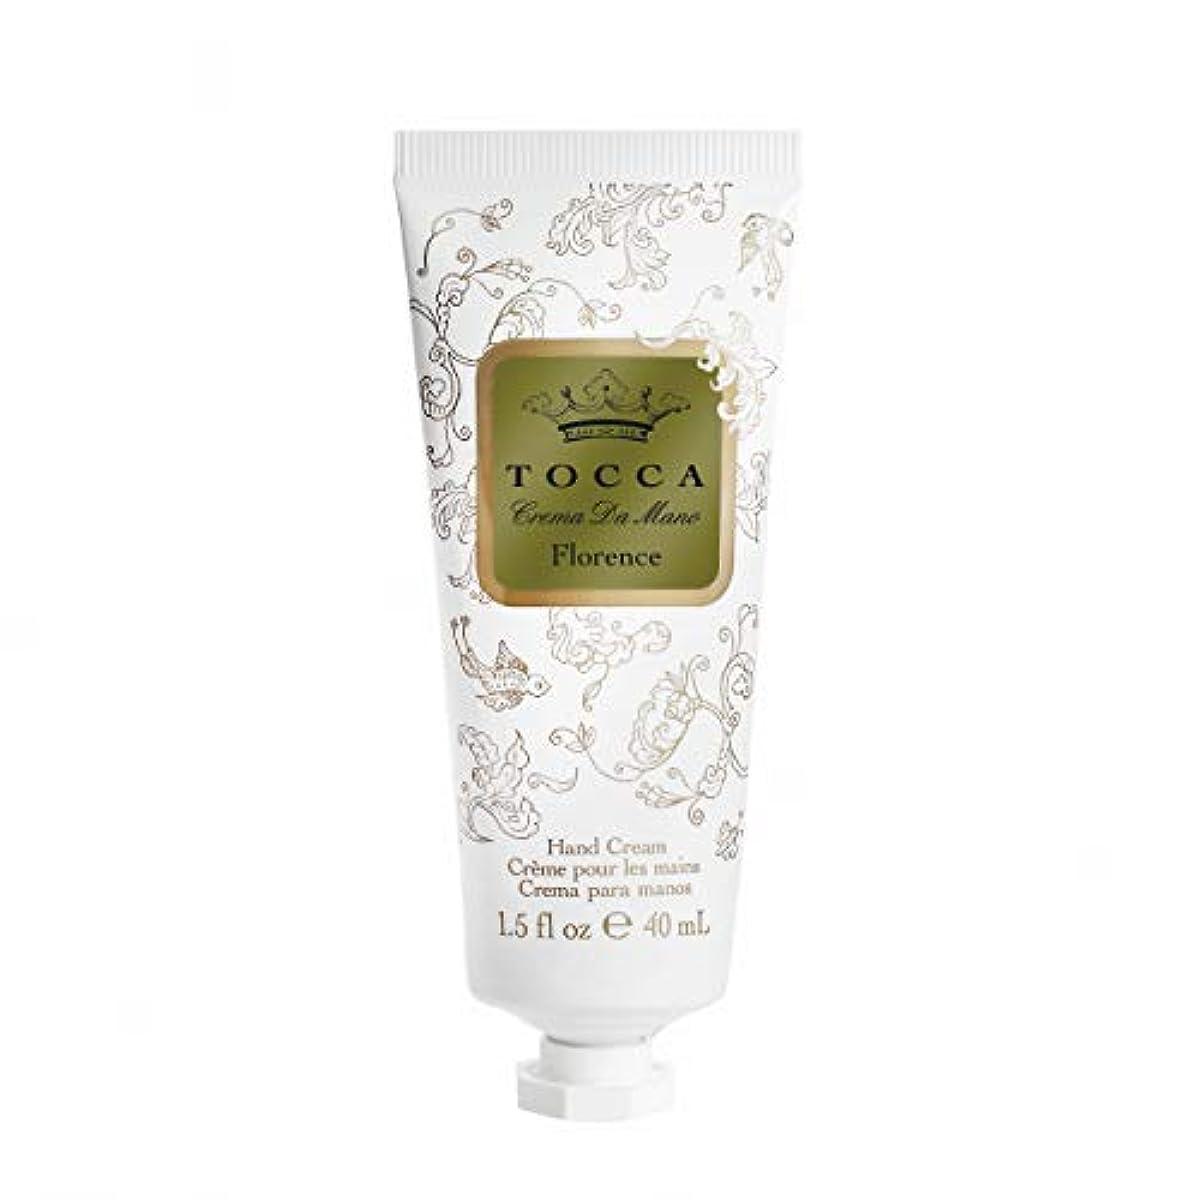 パズルとして愛情トッカ(TOCCA) ハンドクリーム フローレンスの香り 40mL (ガーデニアとベルガモットが誘うように溶け合うどこまでも上品なフローラルの香り)